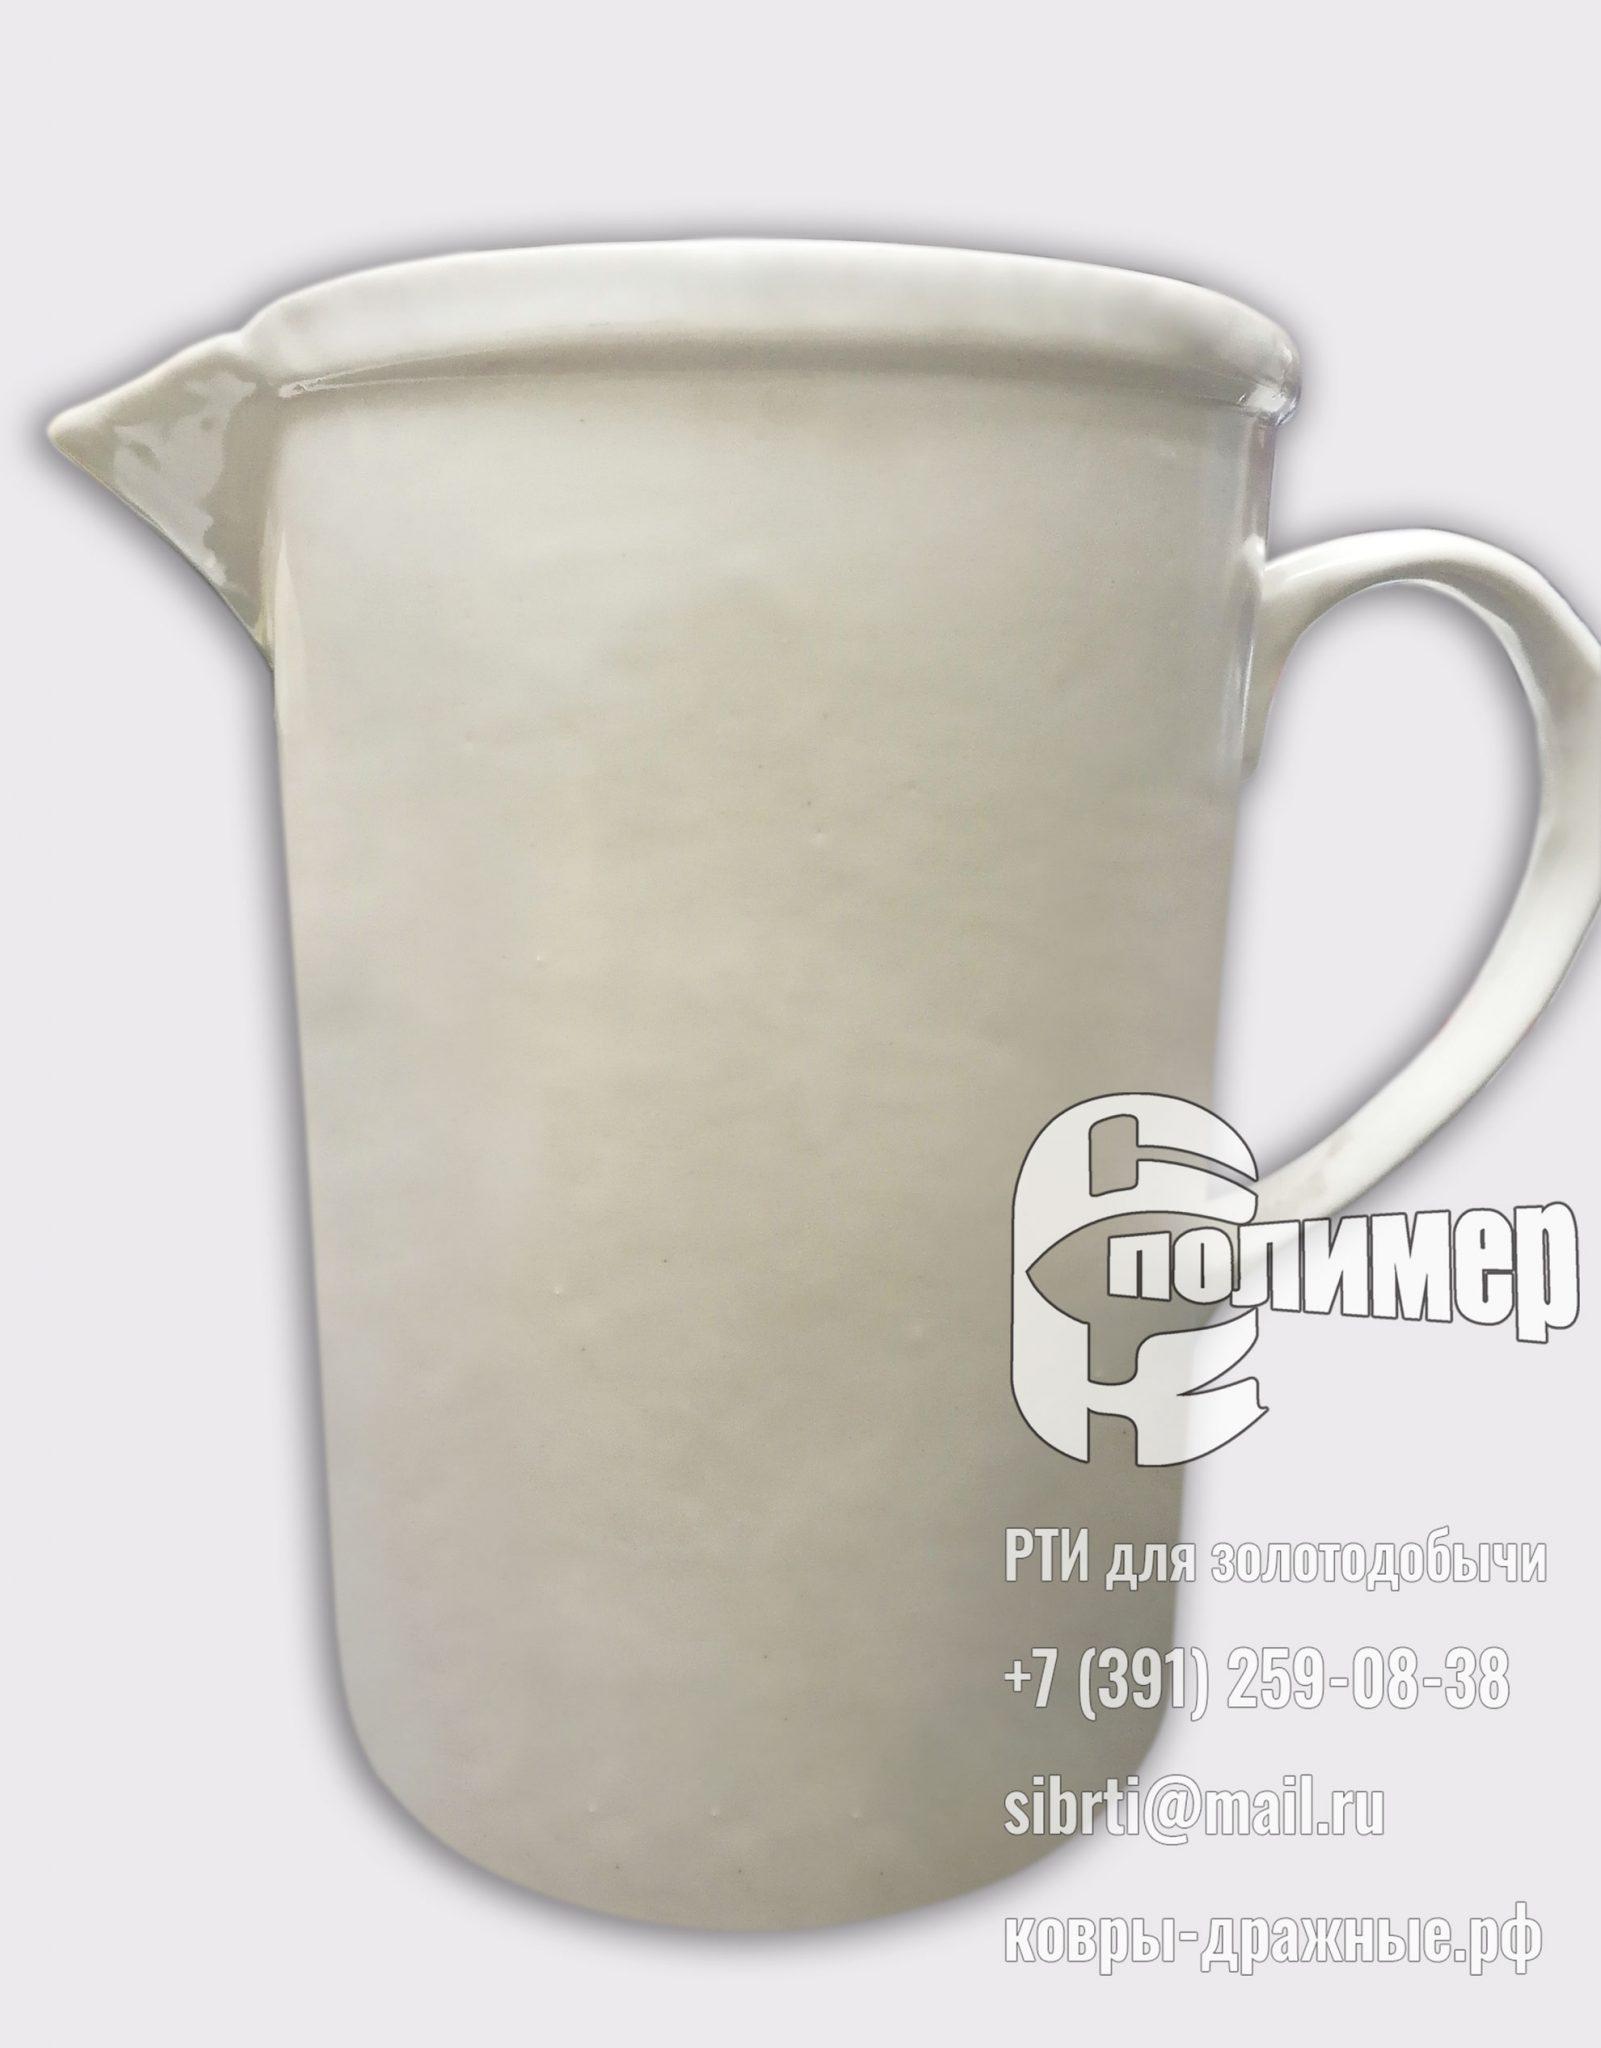 Кружка из фарфора для лаборатории